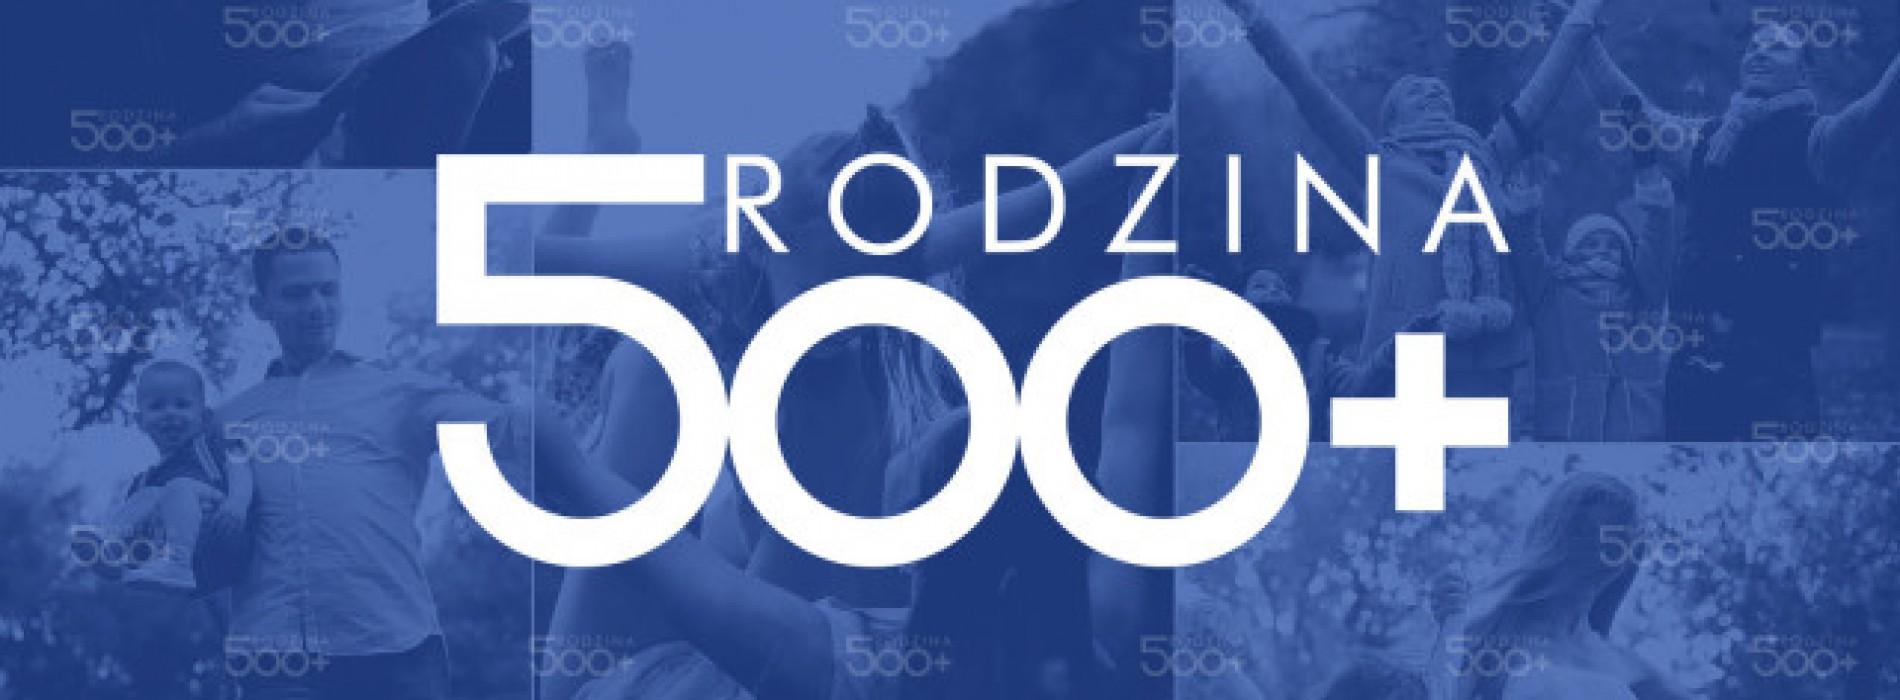 675,6 mln zł na realizację Programu 500 plus w regionie